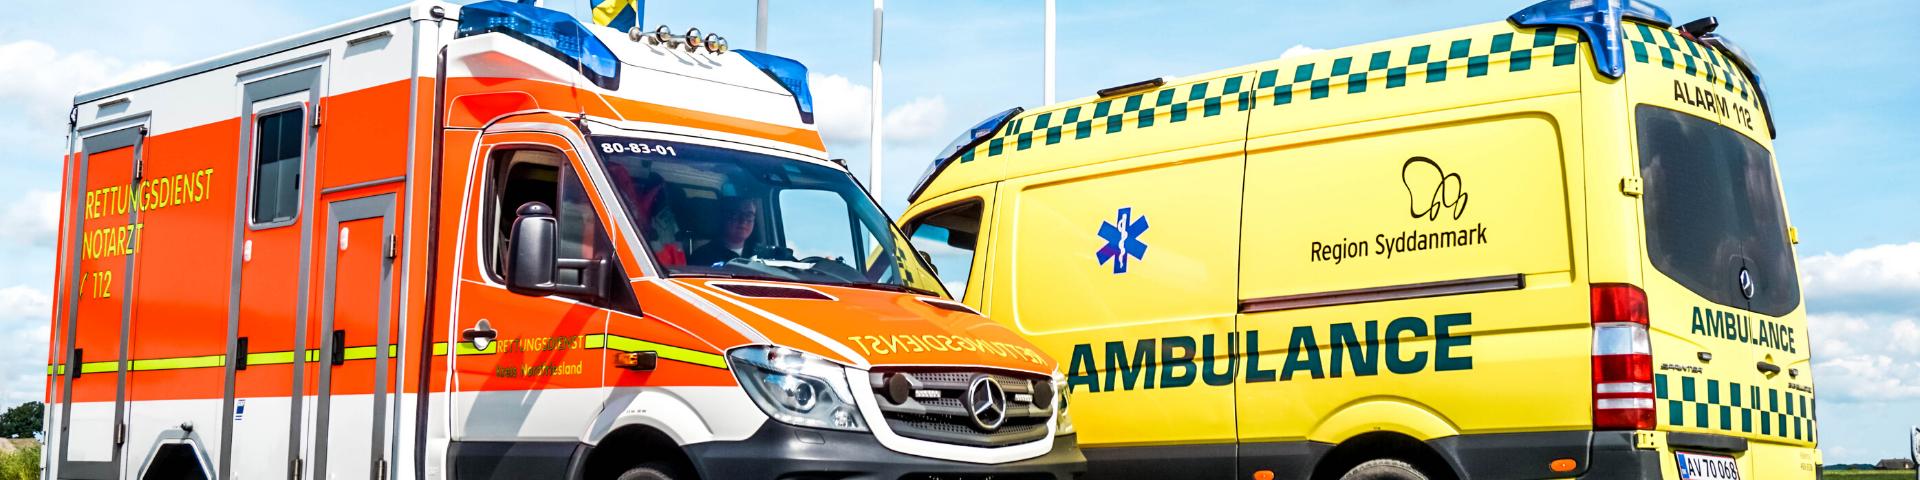 deutscher und dänischer Rettungswagen